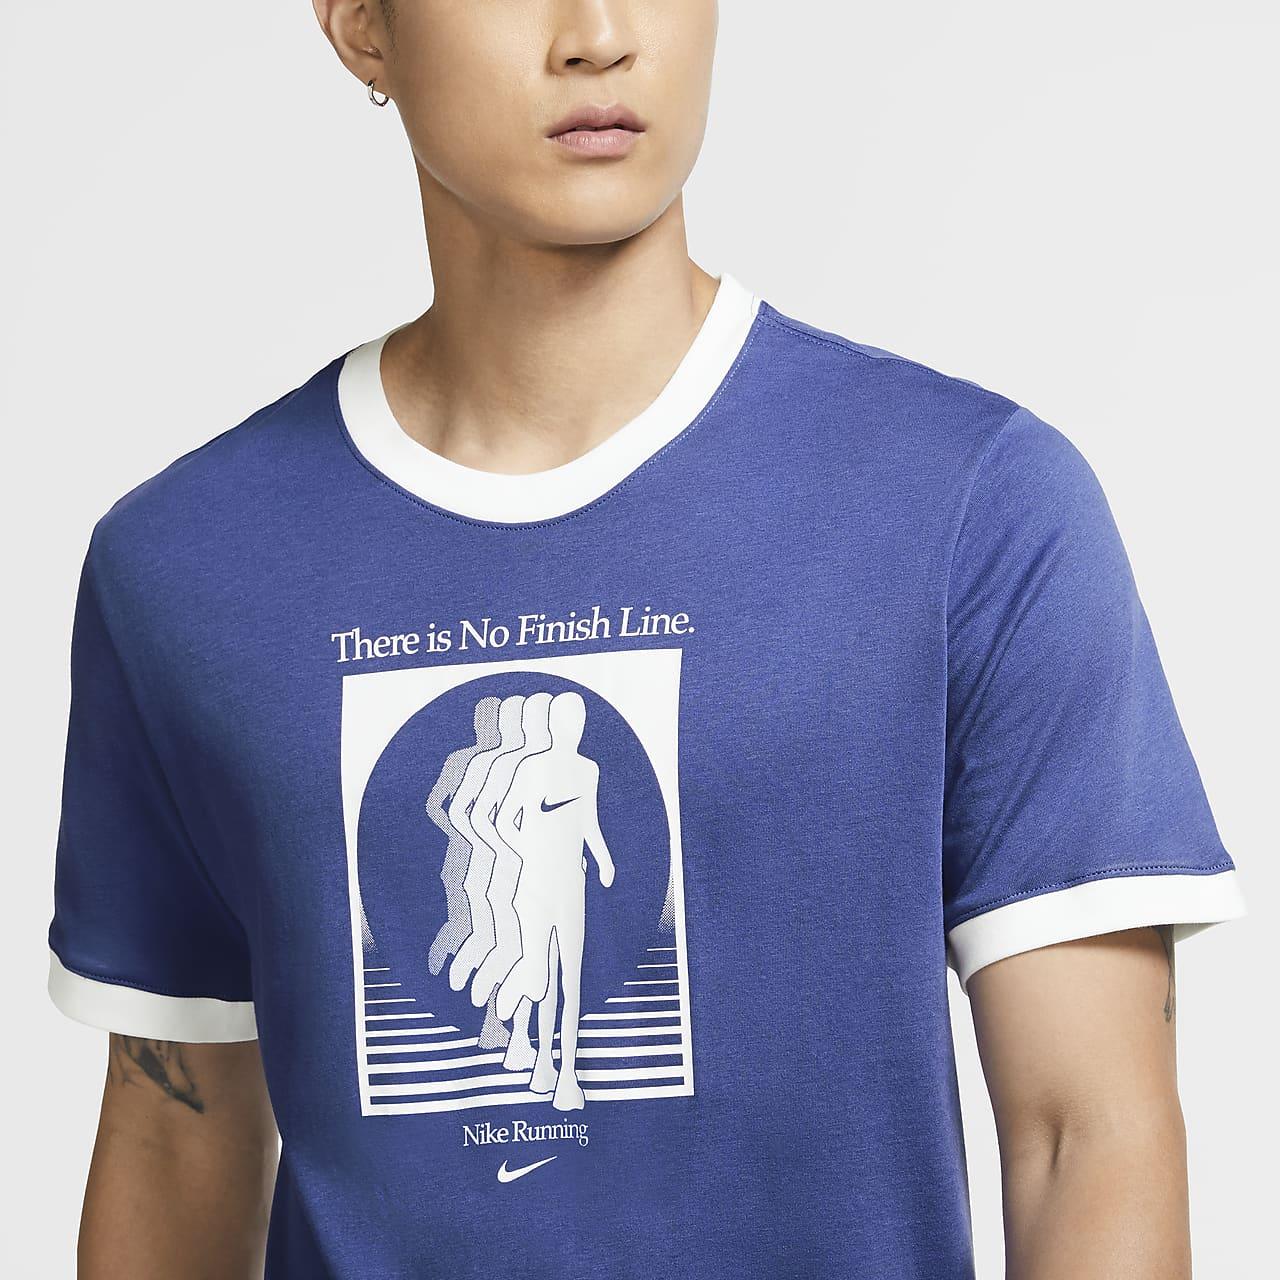 나이키 드라이핏 남성 러닝 티셔츠 CW0943-430